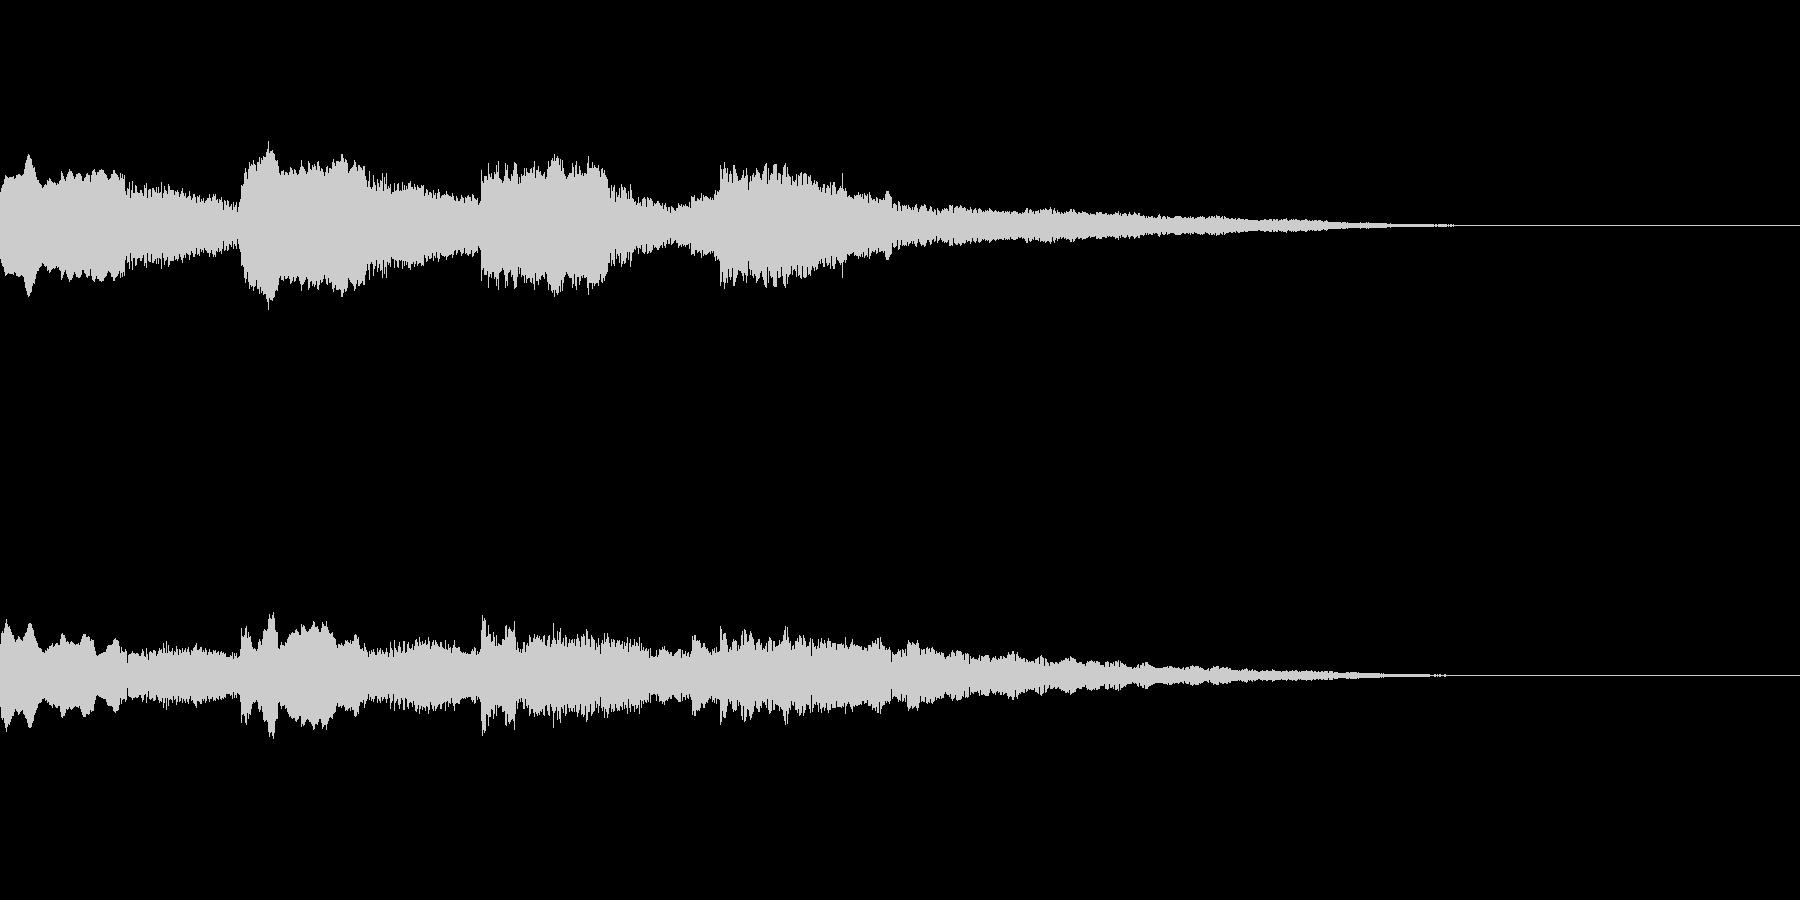 ほのぼの アイキャッチ 場面転換の未再生の波形